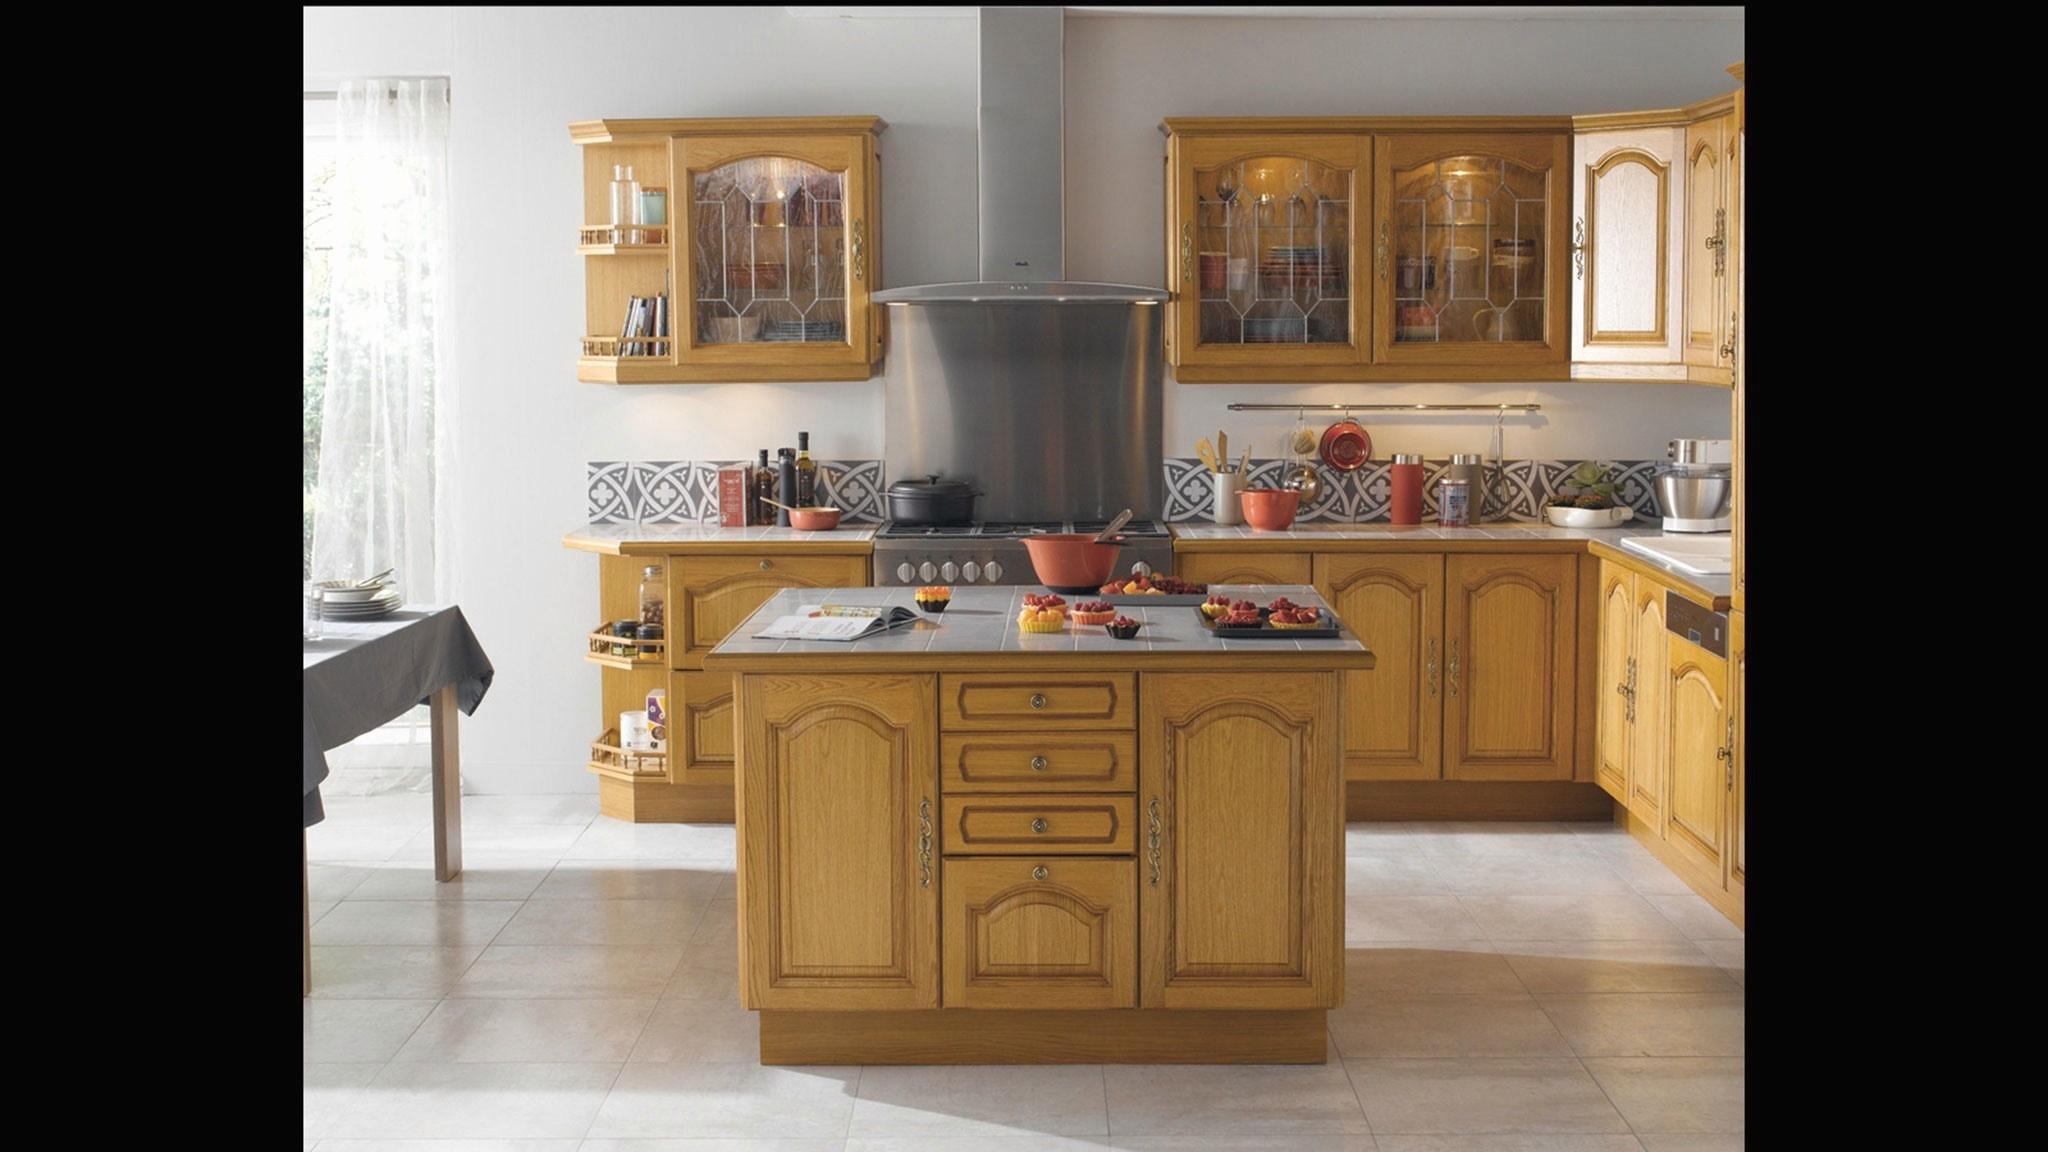 Moderniser Cuisine Rustique Nouveau Image Relooker Une Cuisine Rustique Bon Meubles Du Luc Inspirant Meuble